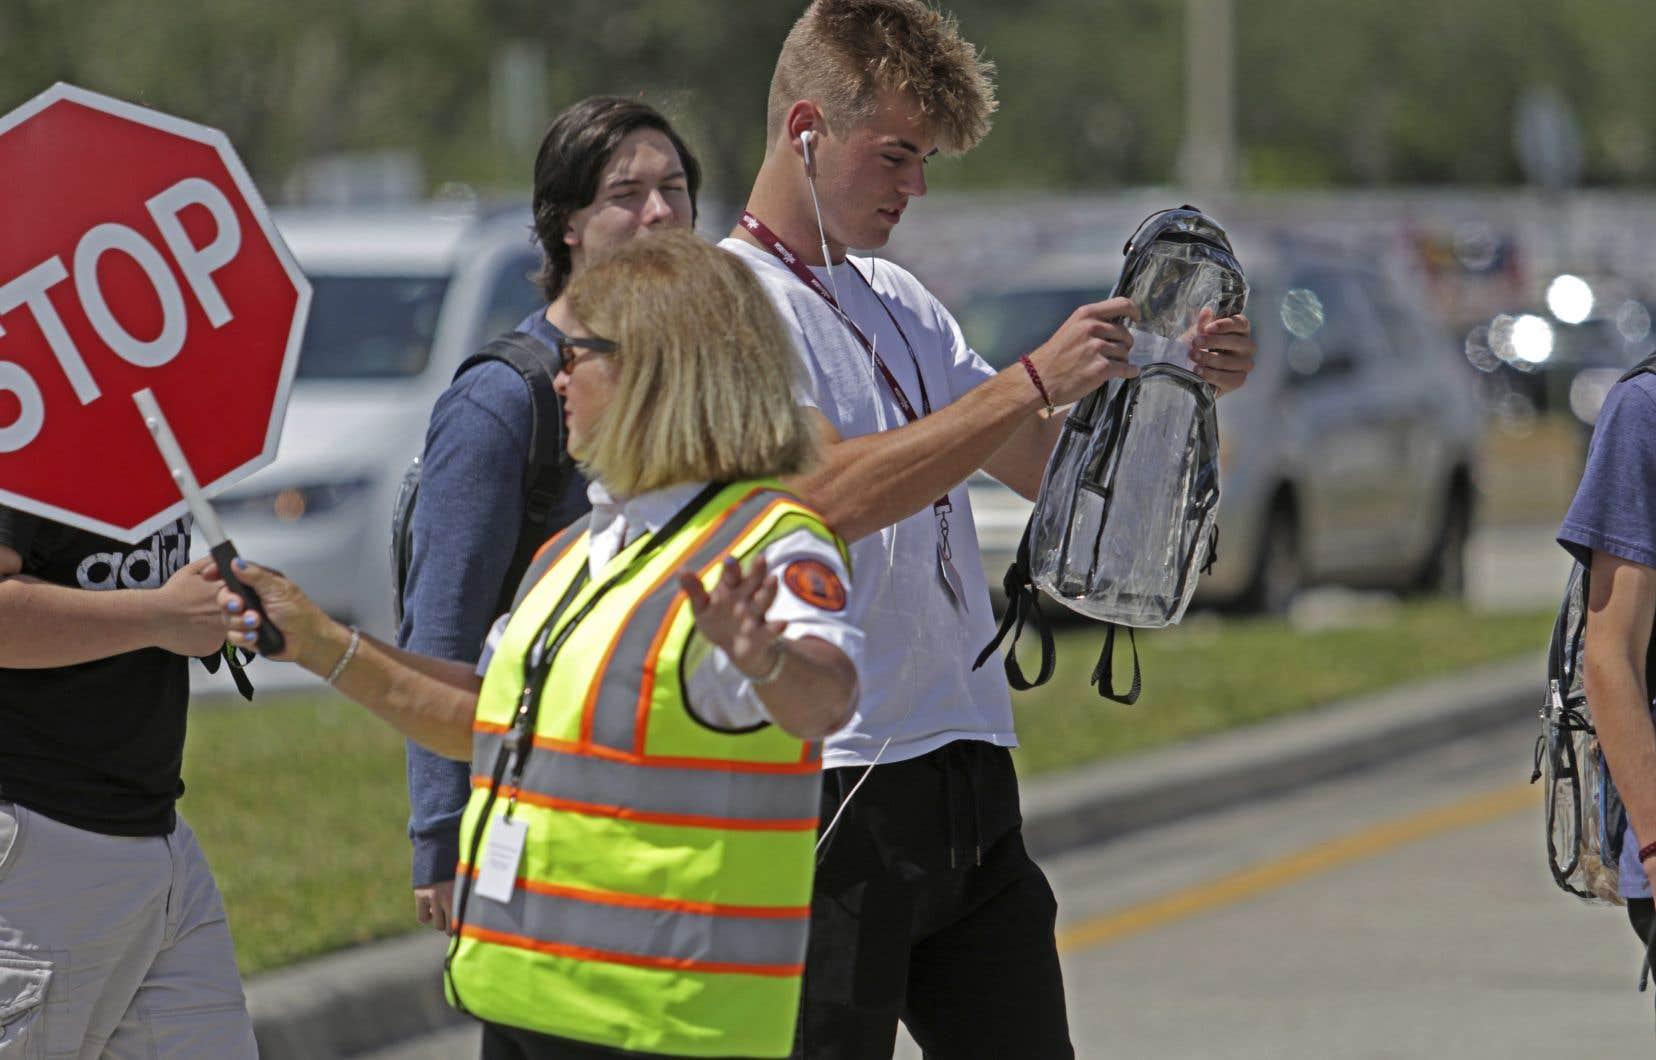 Les élèves de l'école secondaire Marjory Stoneman Douglas devront leurs effets scolaires dans des sacs à dos transparents.